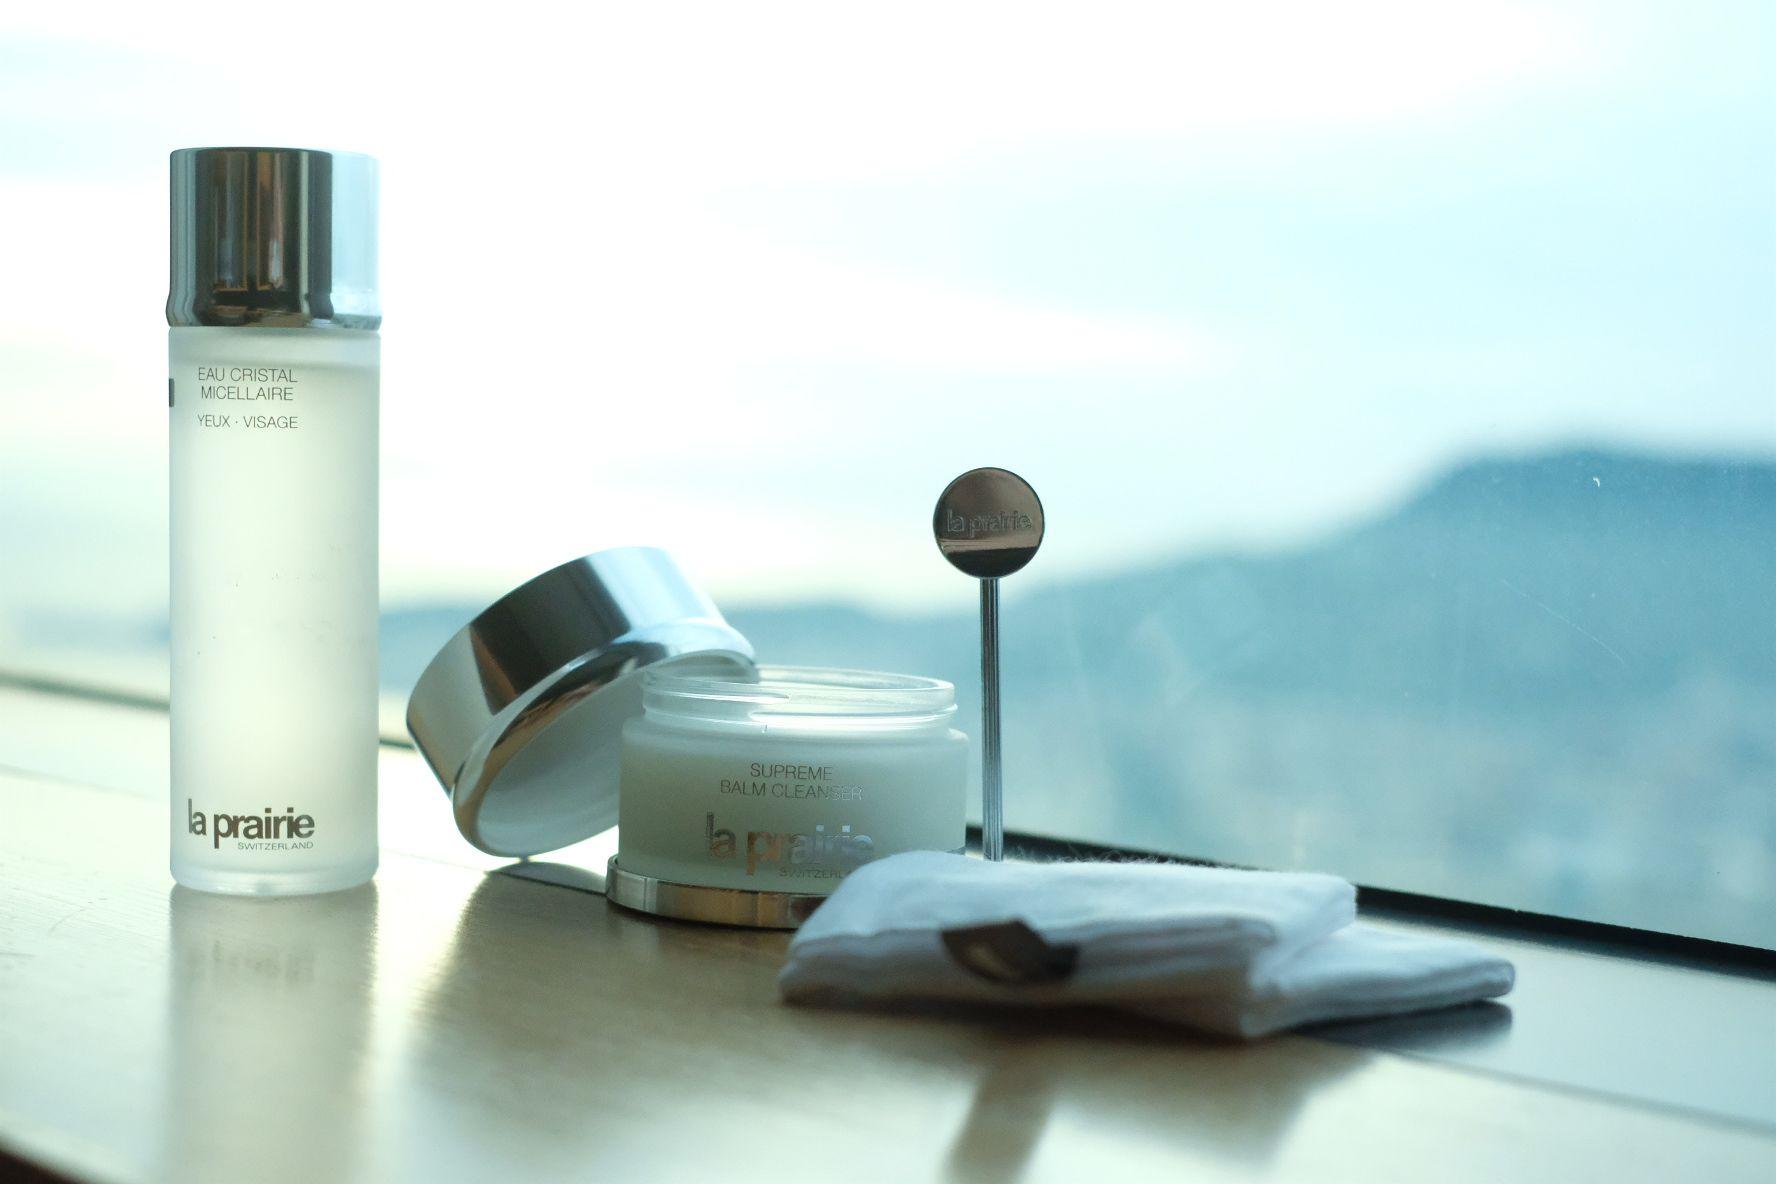 從洗卸開始講究保養細節!La Prairie卸妝霜帶給妳無與倫比的清潔體驗